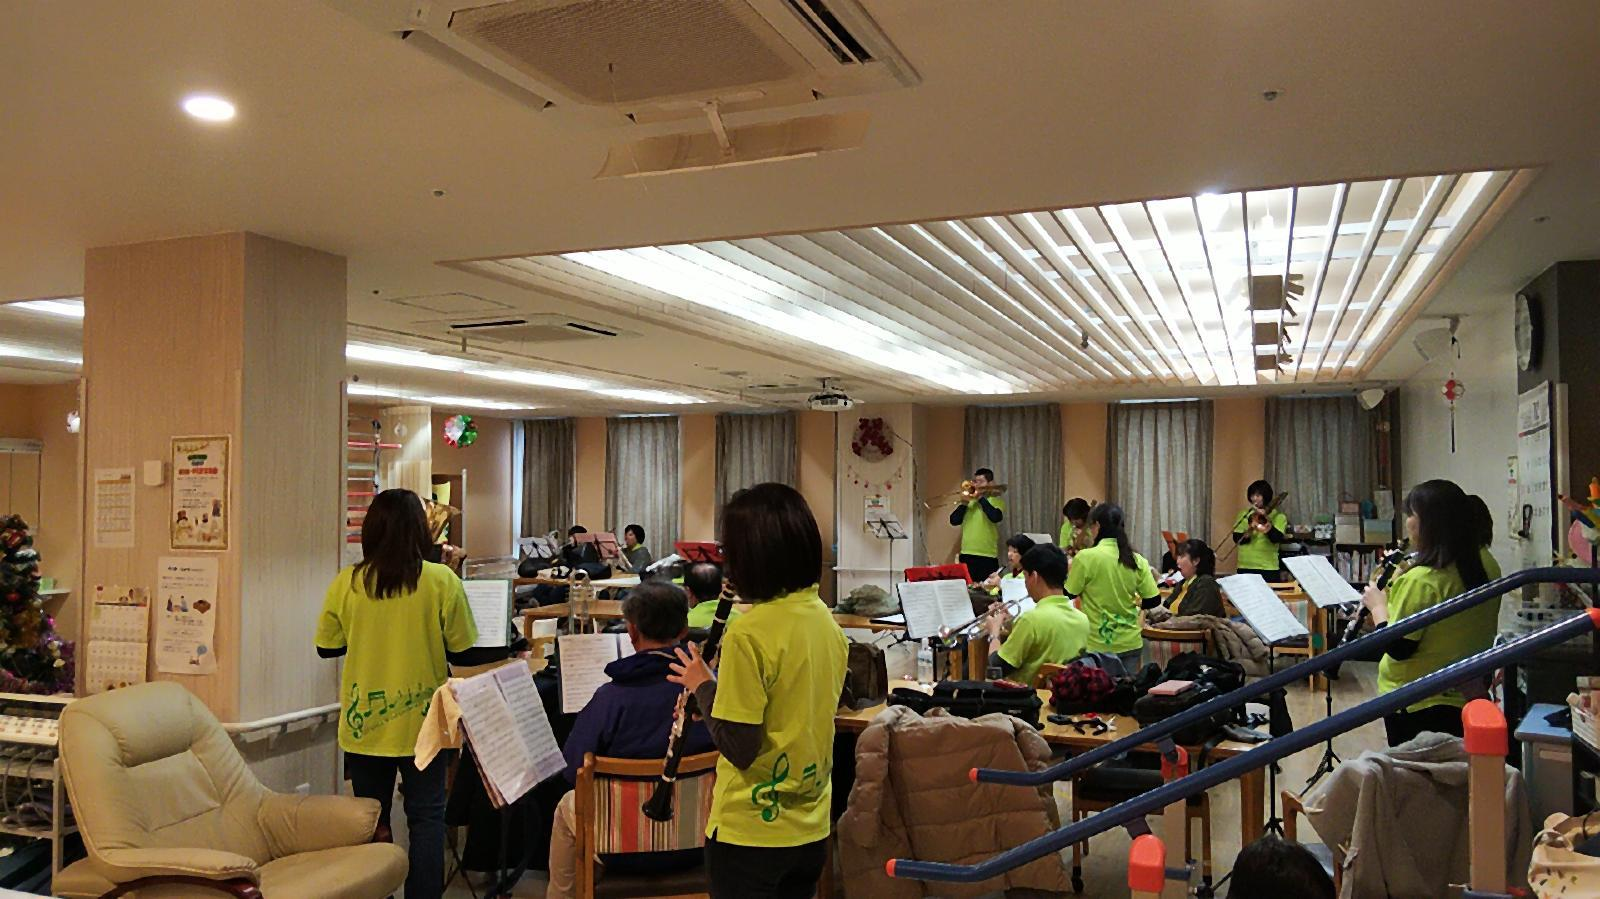 12月22日(日)葵の園佐倉南 クリスマス訪問演奏_f0200416_00111065.jpg